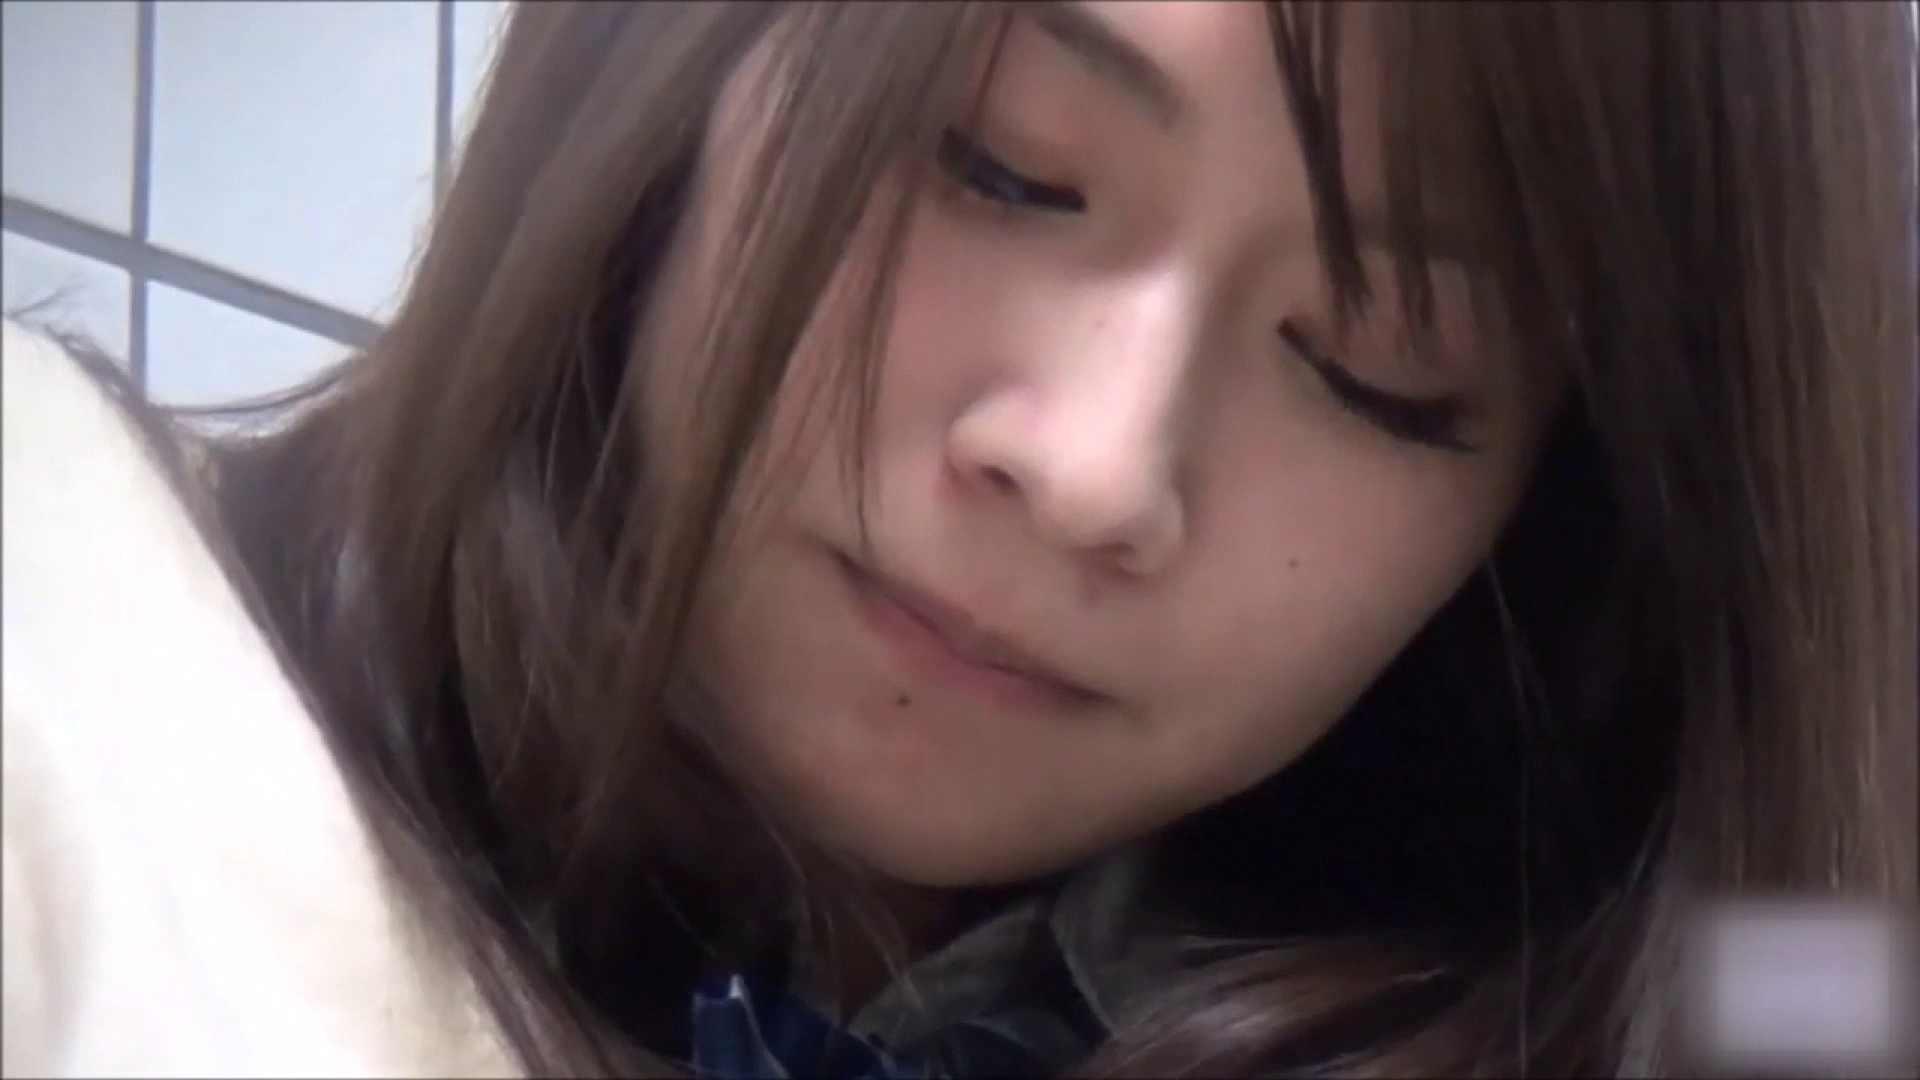 美少女トイレでオナニー!盗撮編vol.02 オナニー流出   アイドル  79連発 25